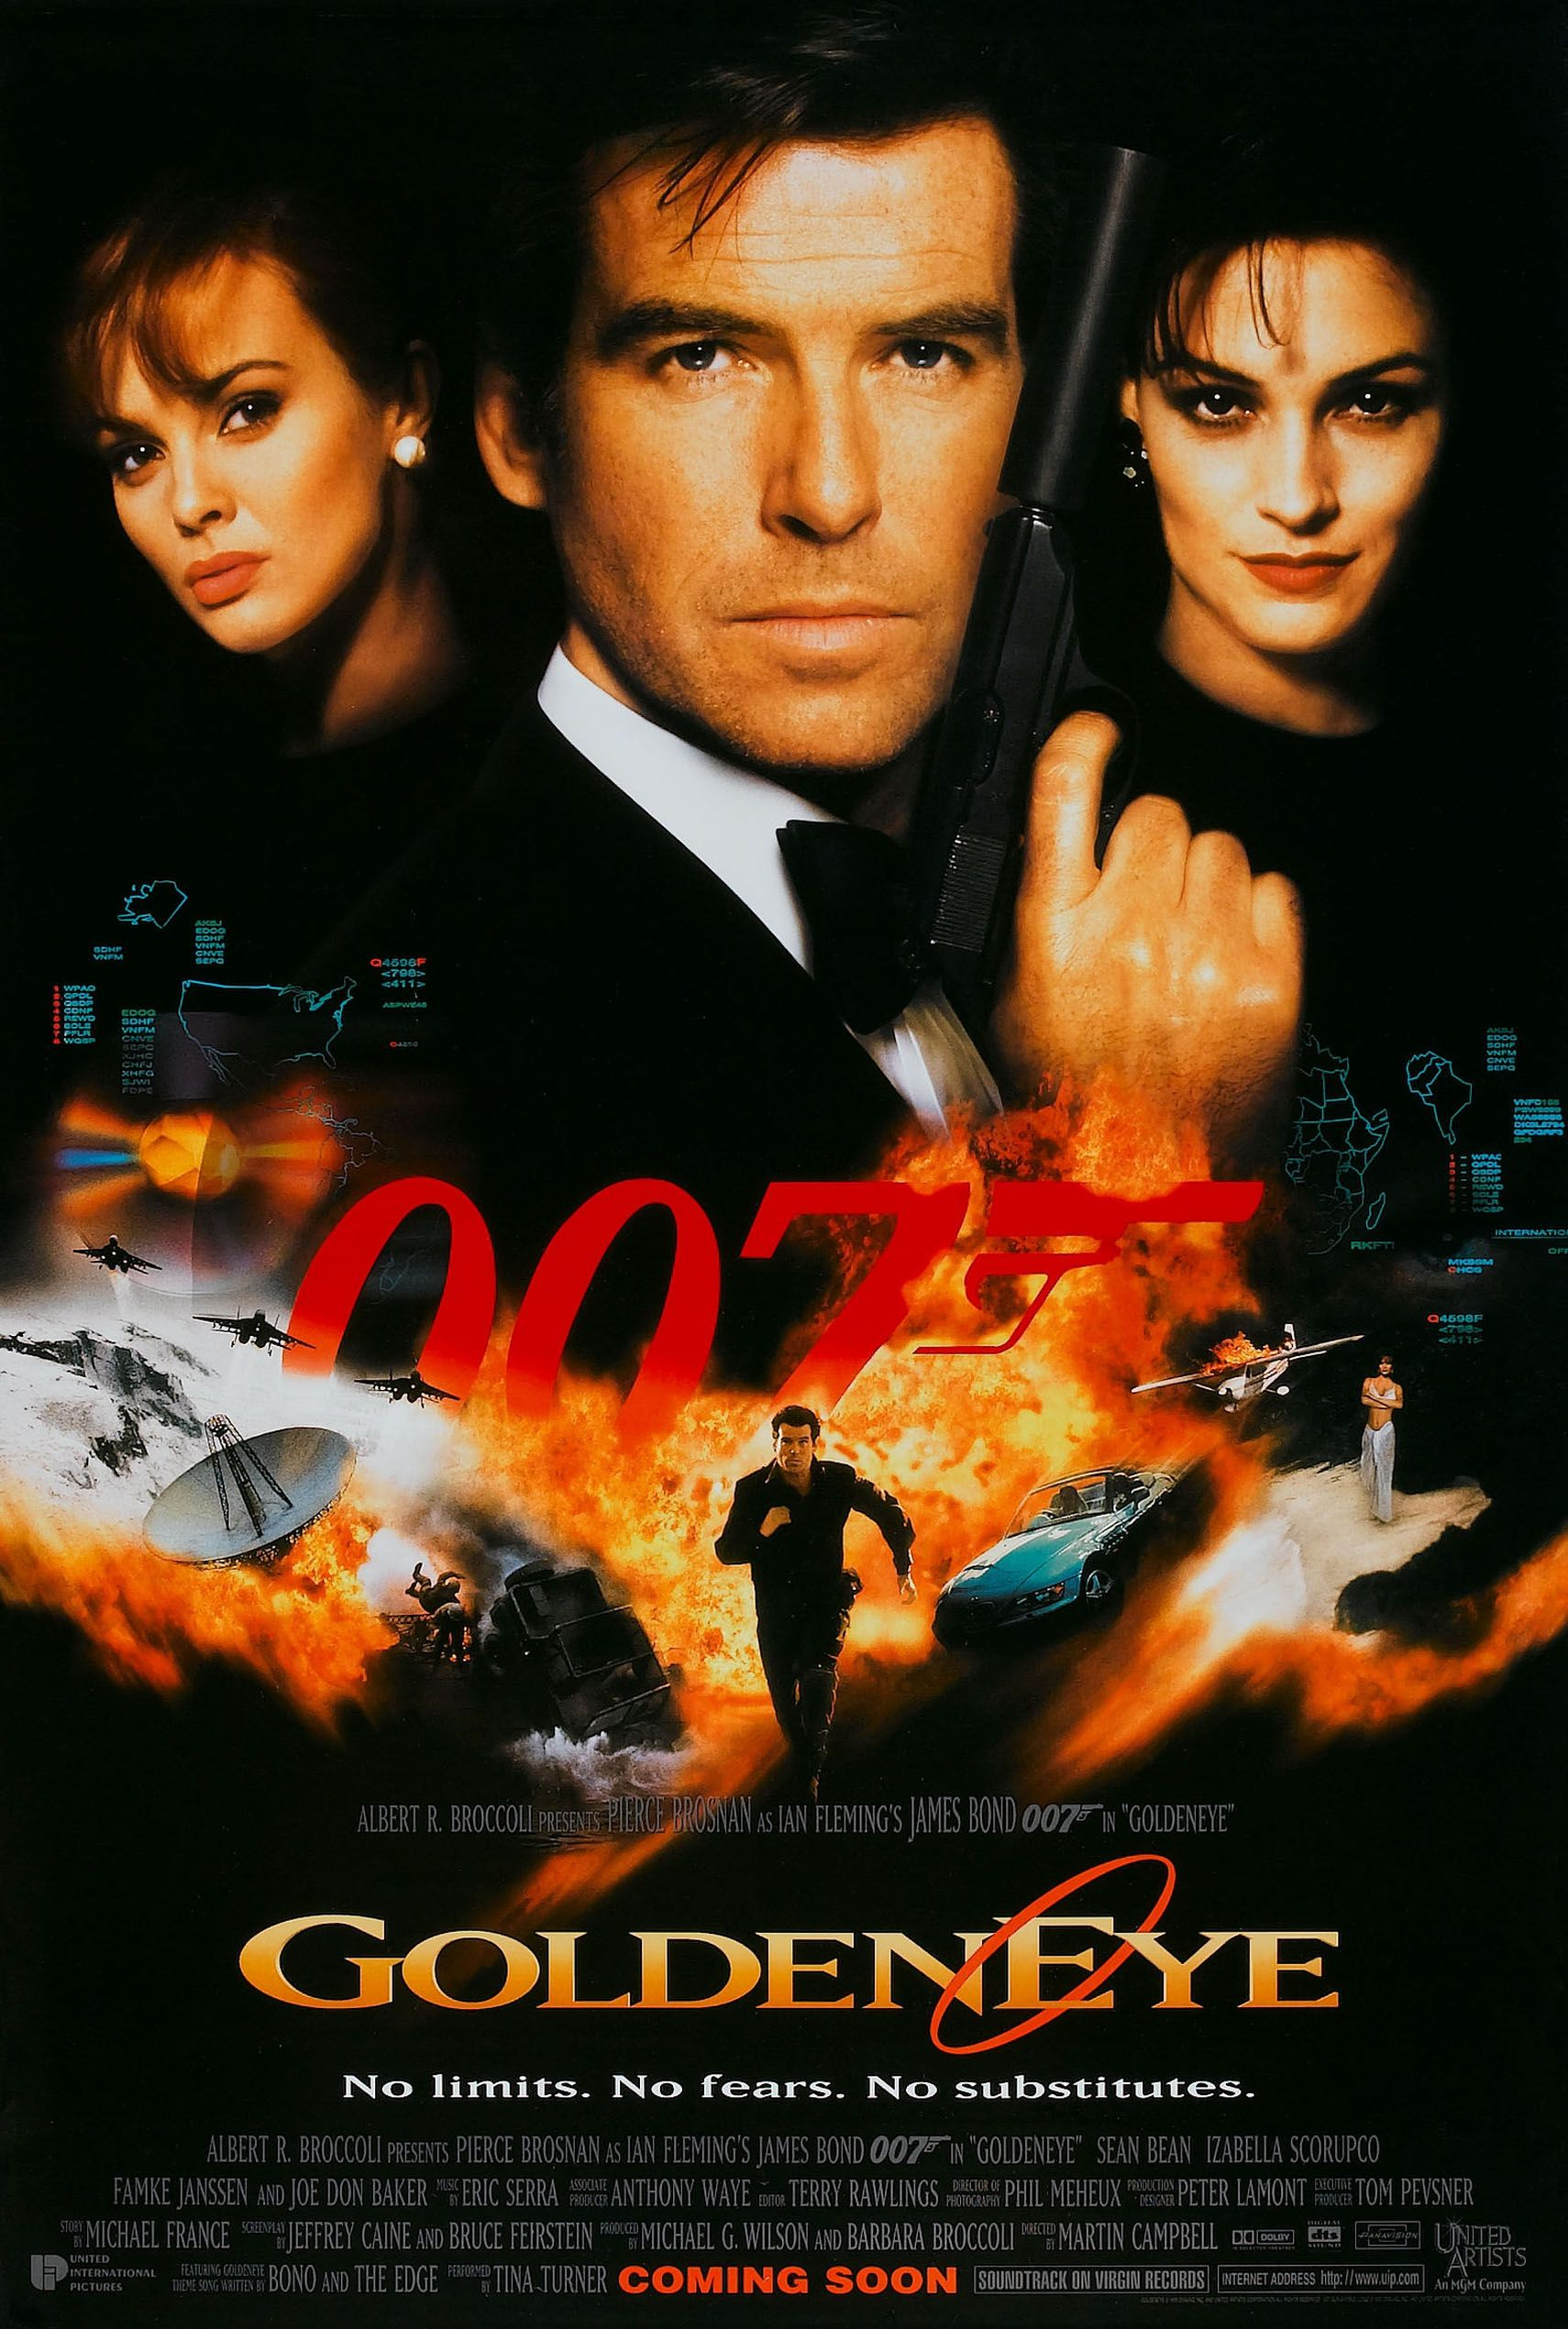 007之黄金眼 新铁金刚之金眼睛 黄金眼 ,